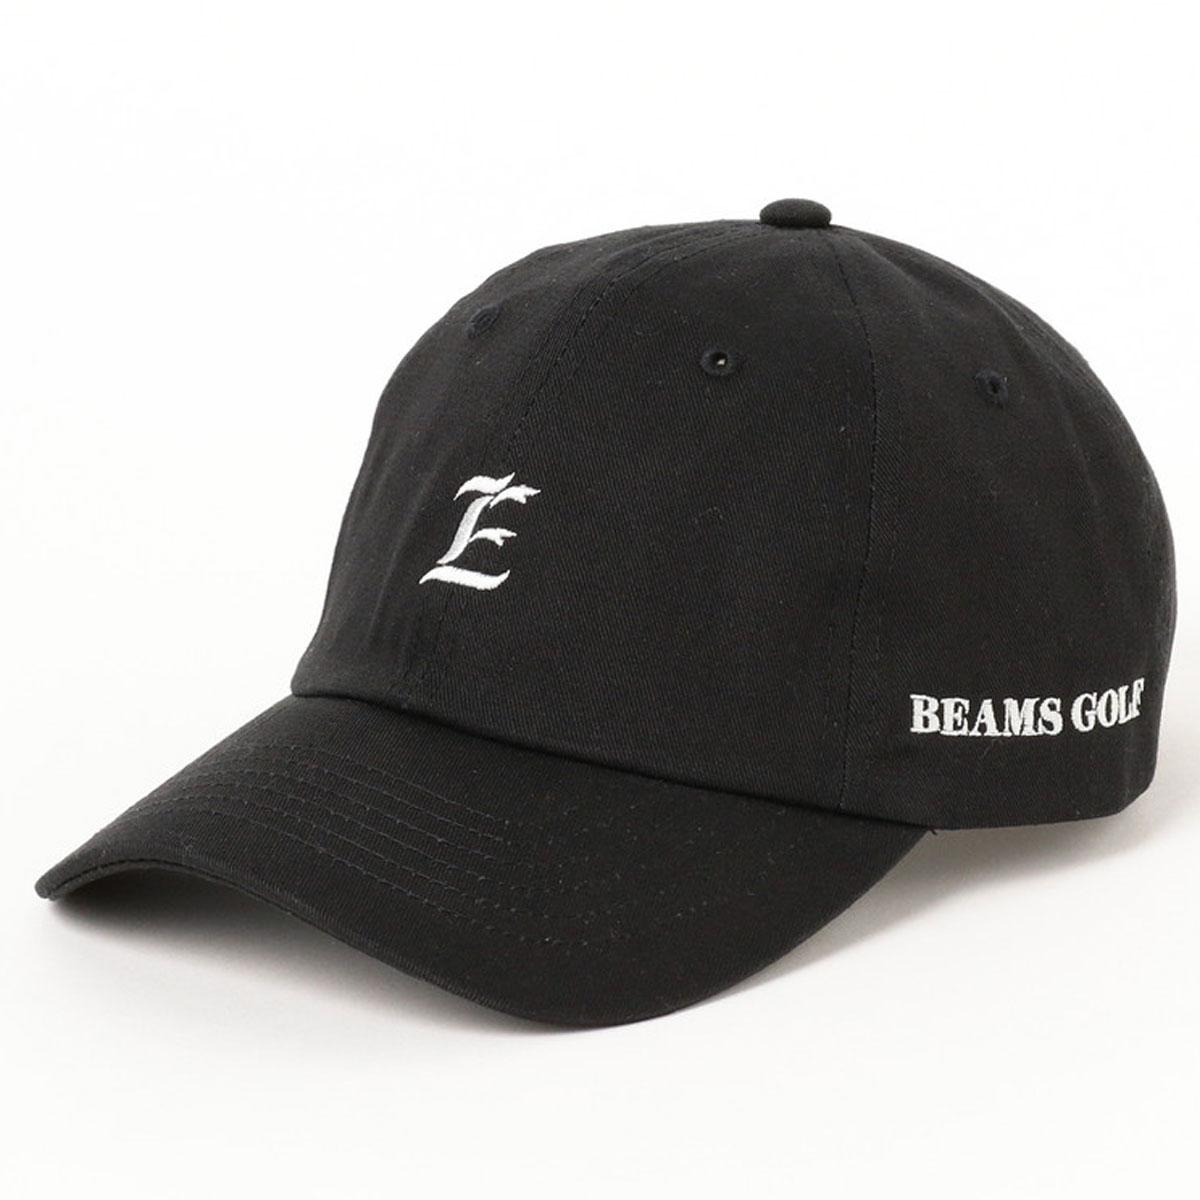 BEAMS GOLF シーズンロゴ キャップ 19SS